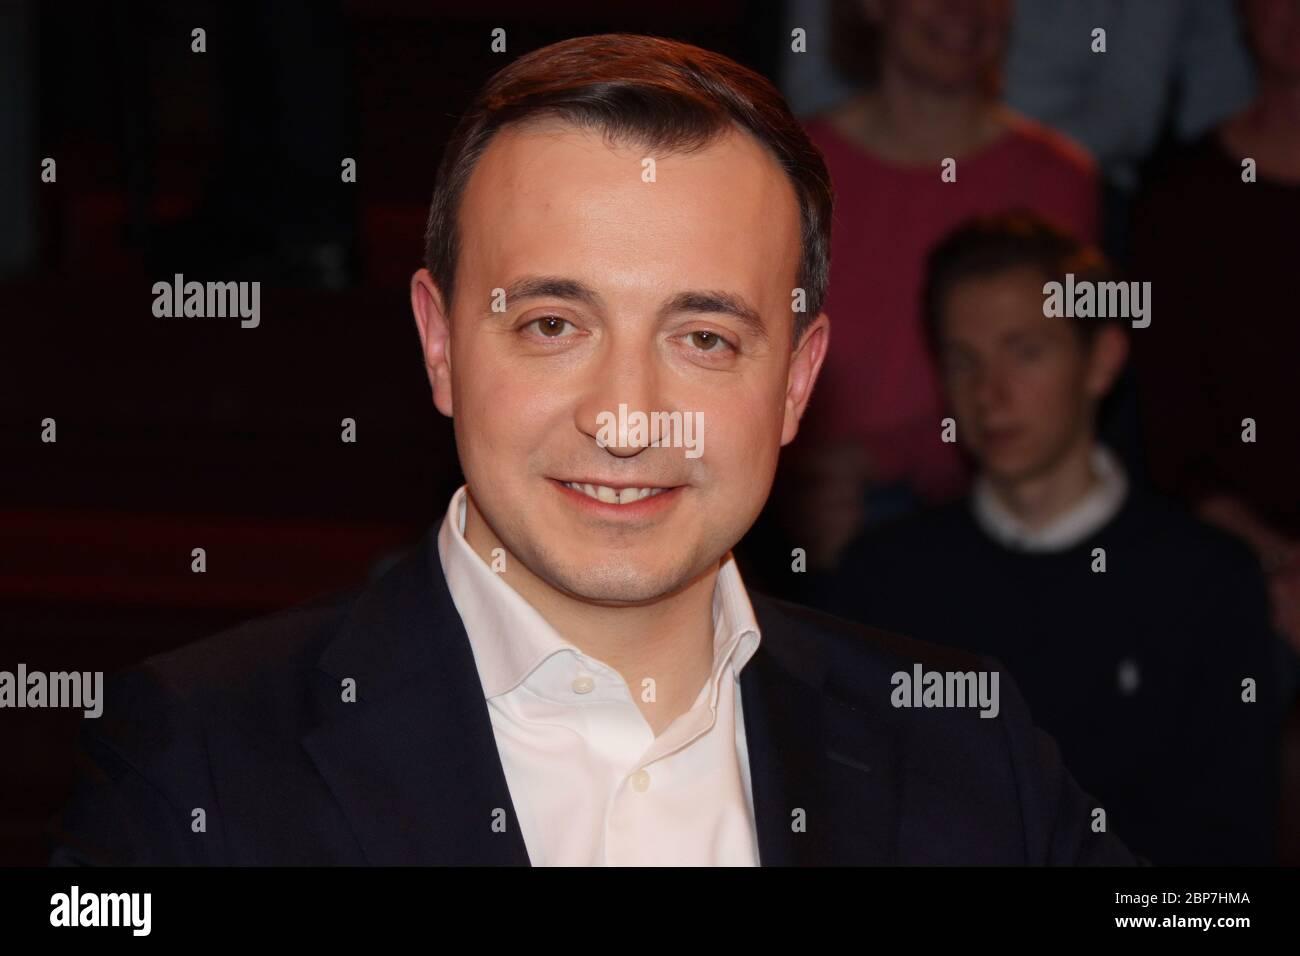 Paul Ziemiak Foto de stock